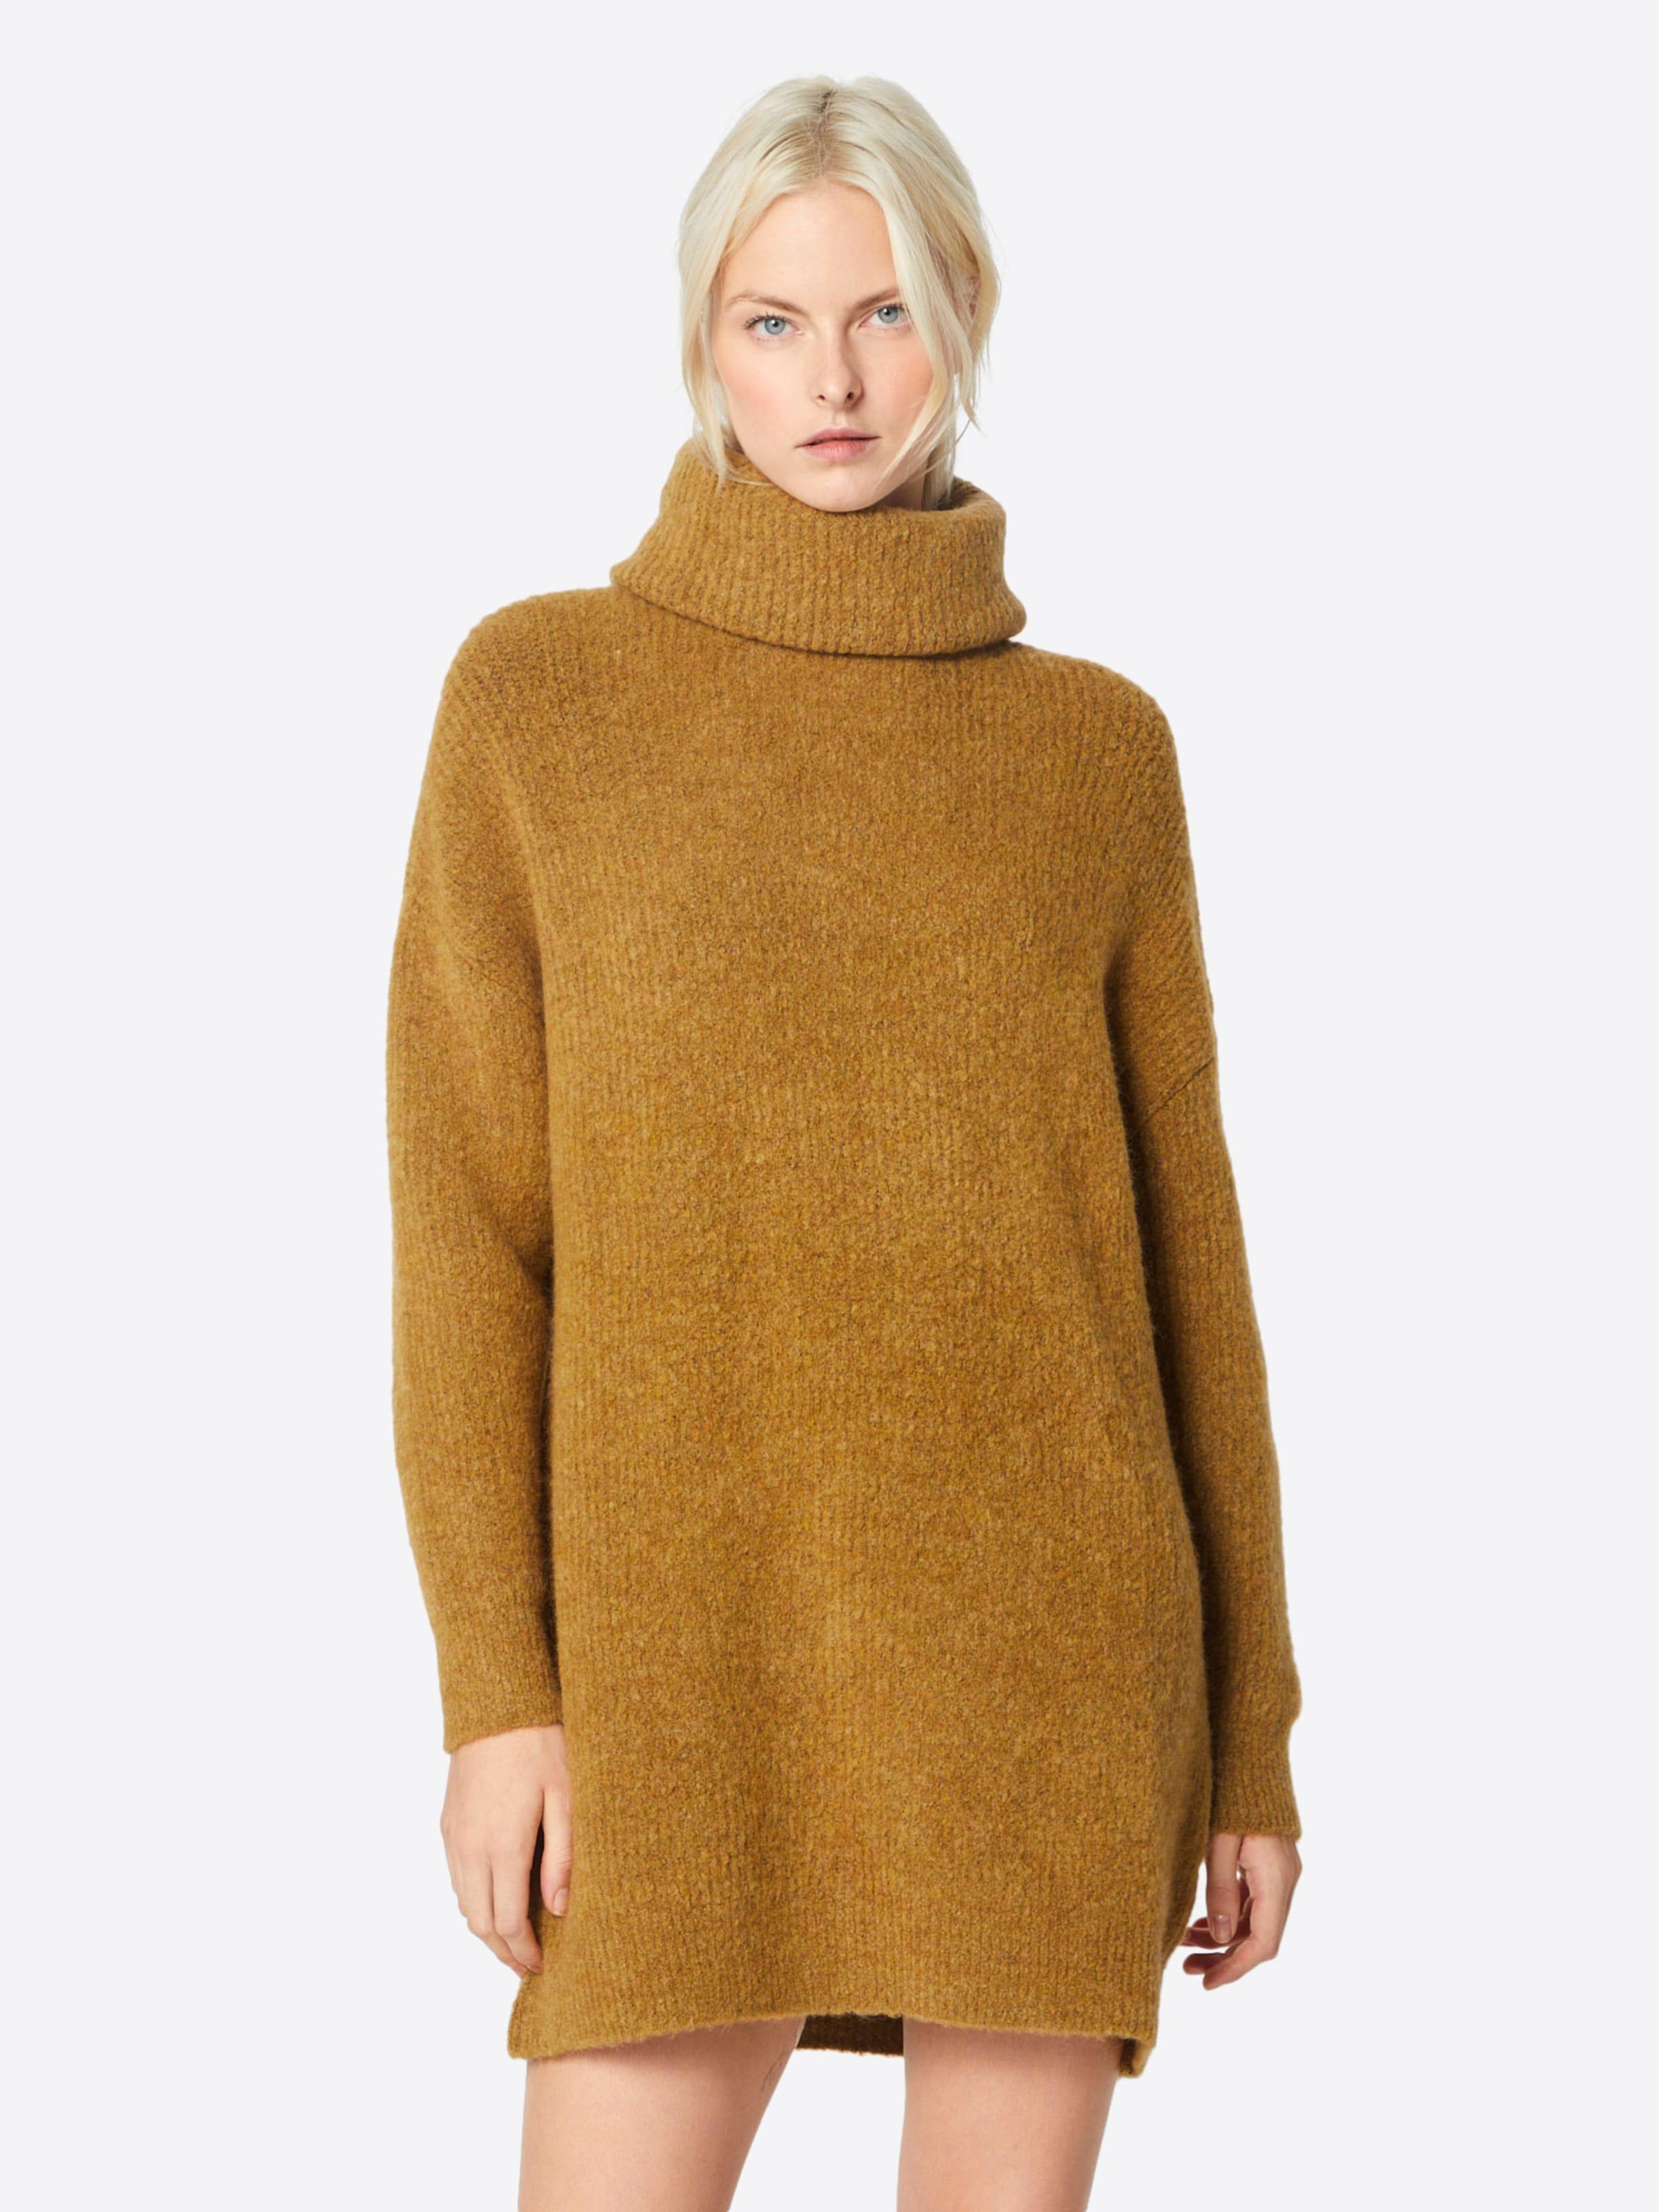 Rockamora In Rockamora Pulloverkleid Gelb 'rilla' Pulloverkleid 'rilla' In xBoeCdr